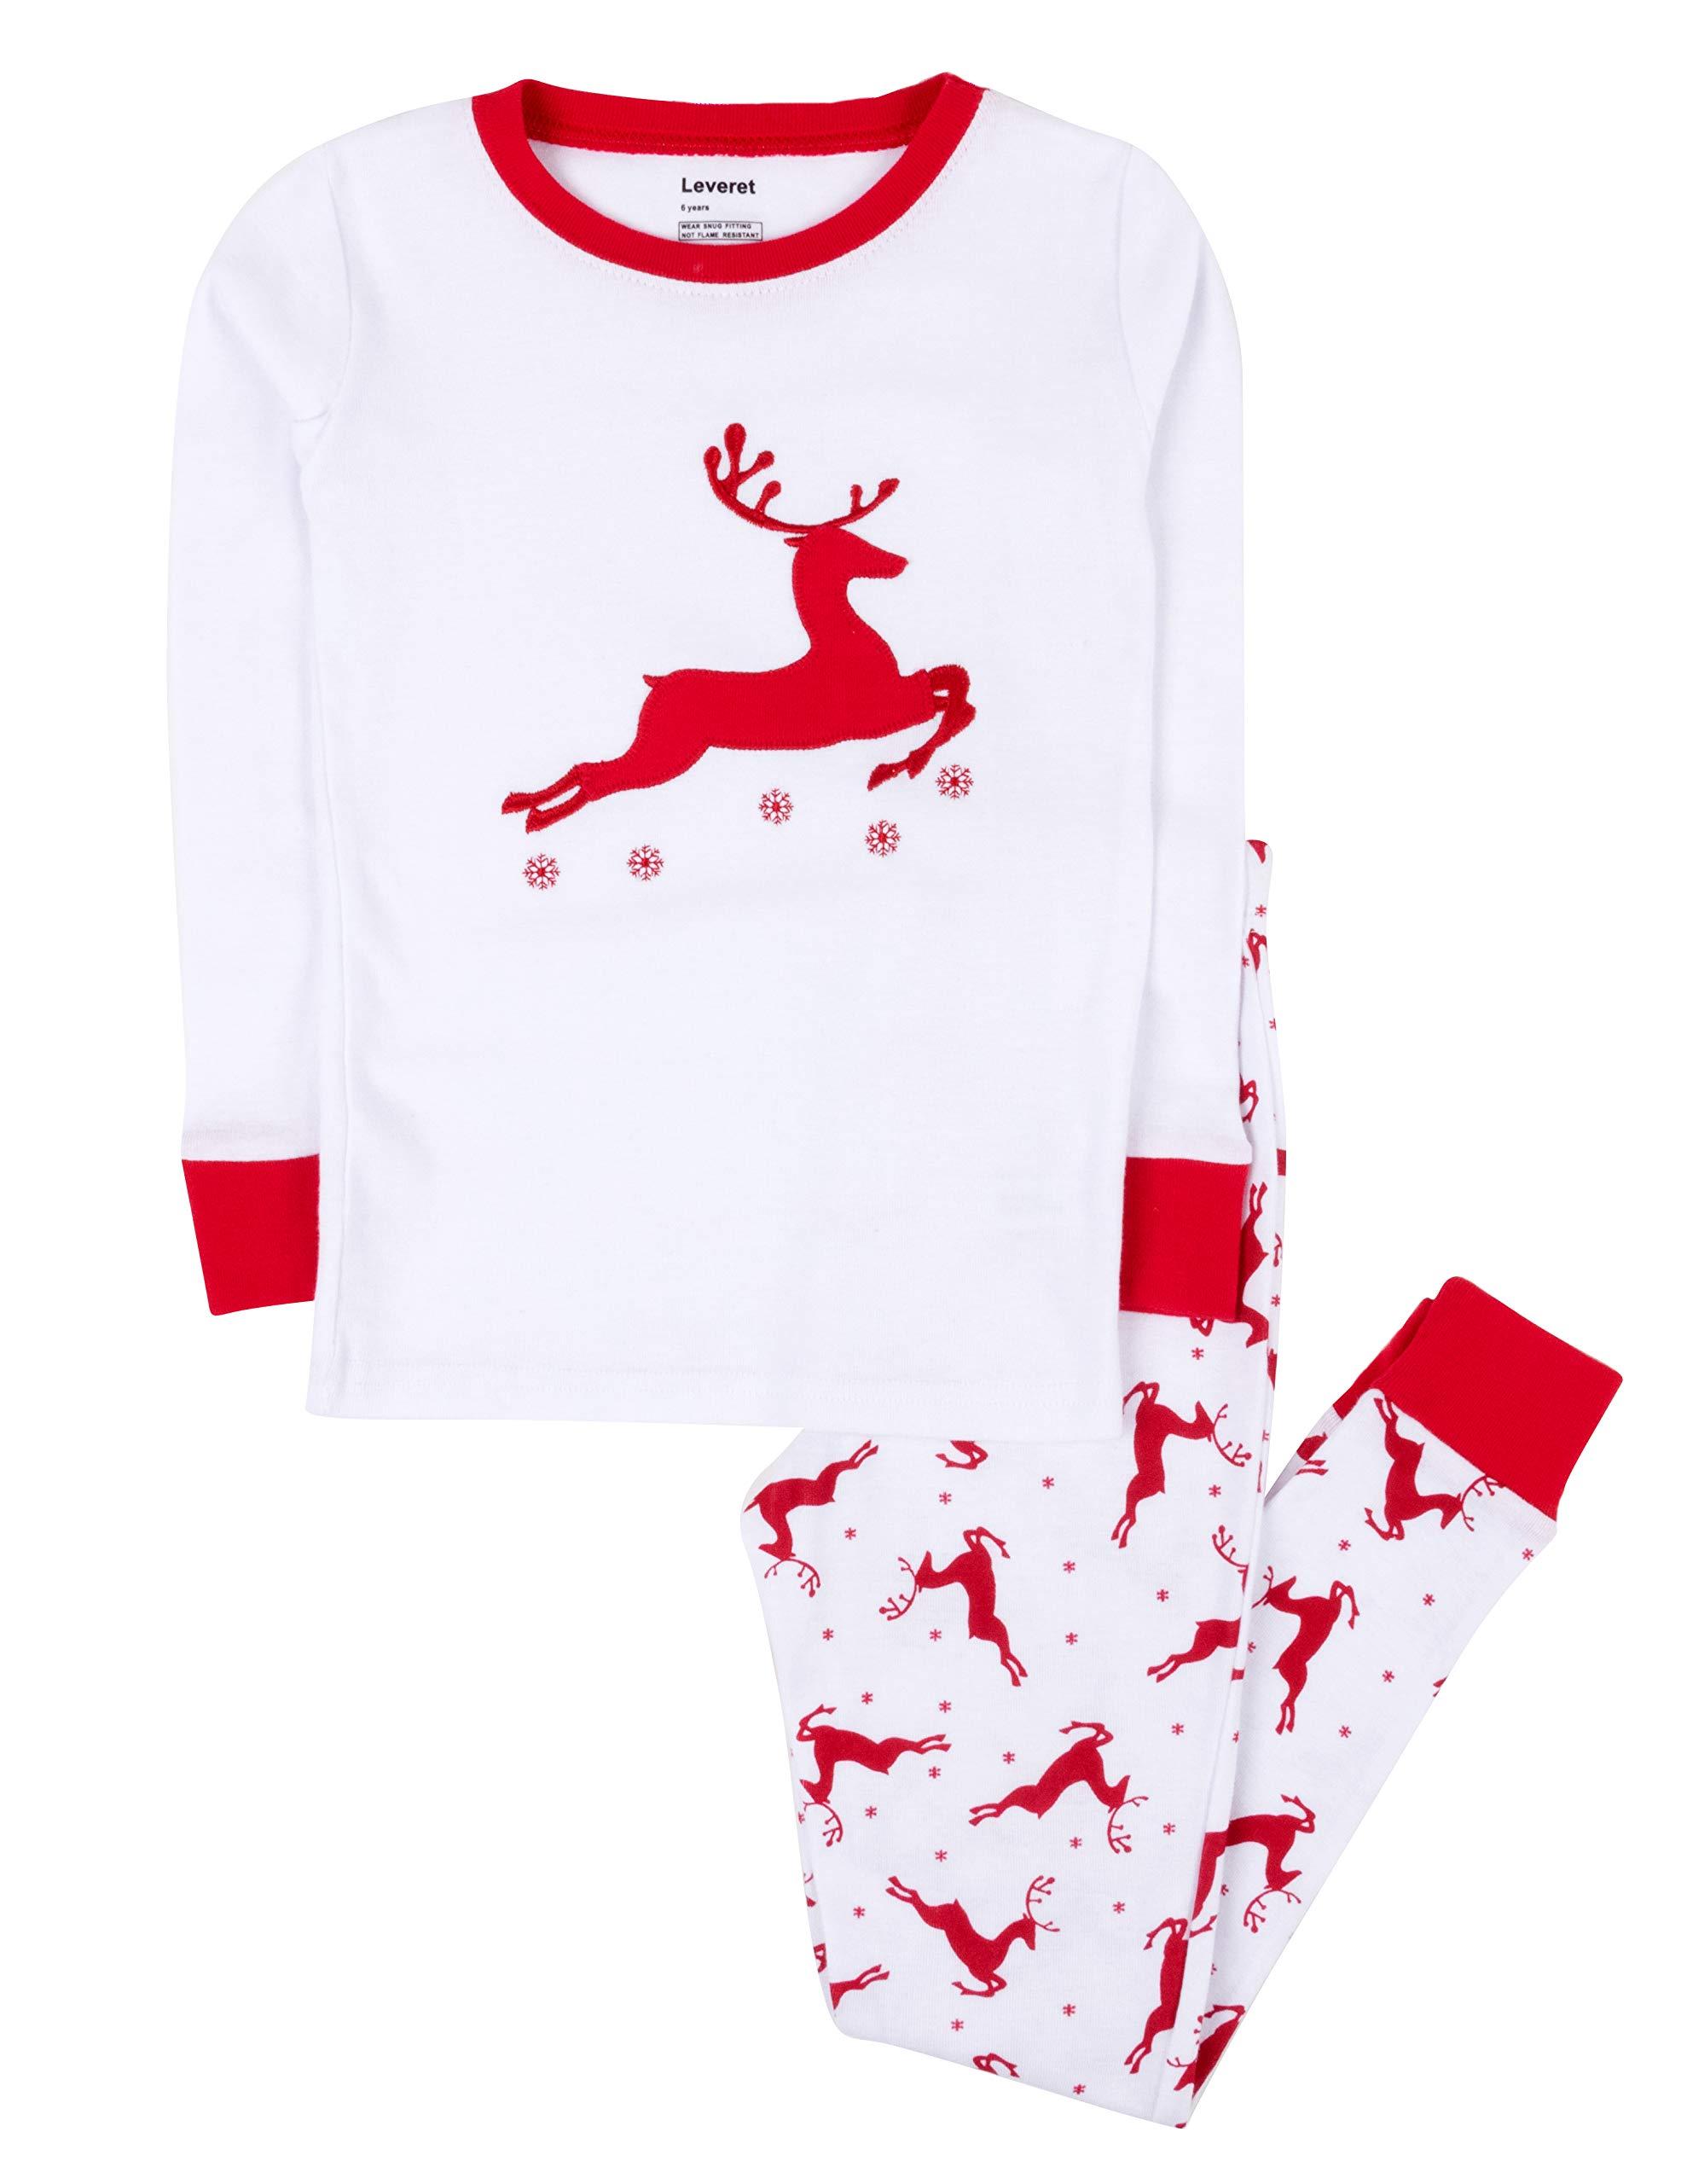 Leveret Kids Christmas Pajamas Boys Girls & Toddler Pajamas Moose Reindeer 2 Piece Pjs Set 100% Cotton (12 Months-14 Years)